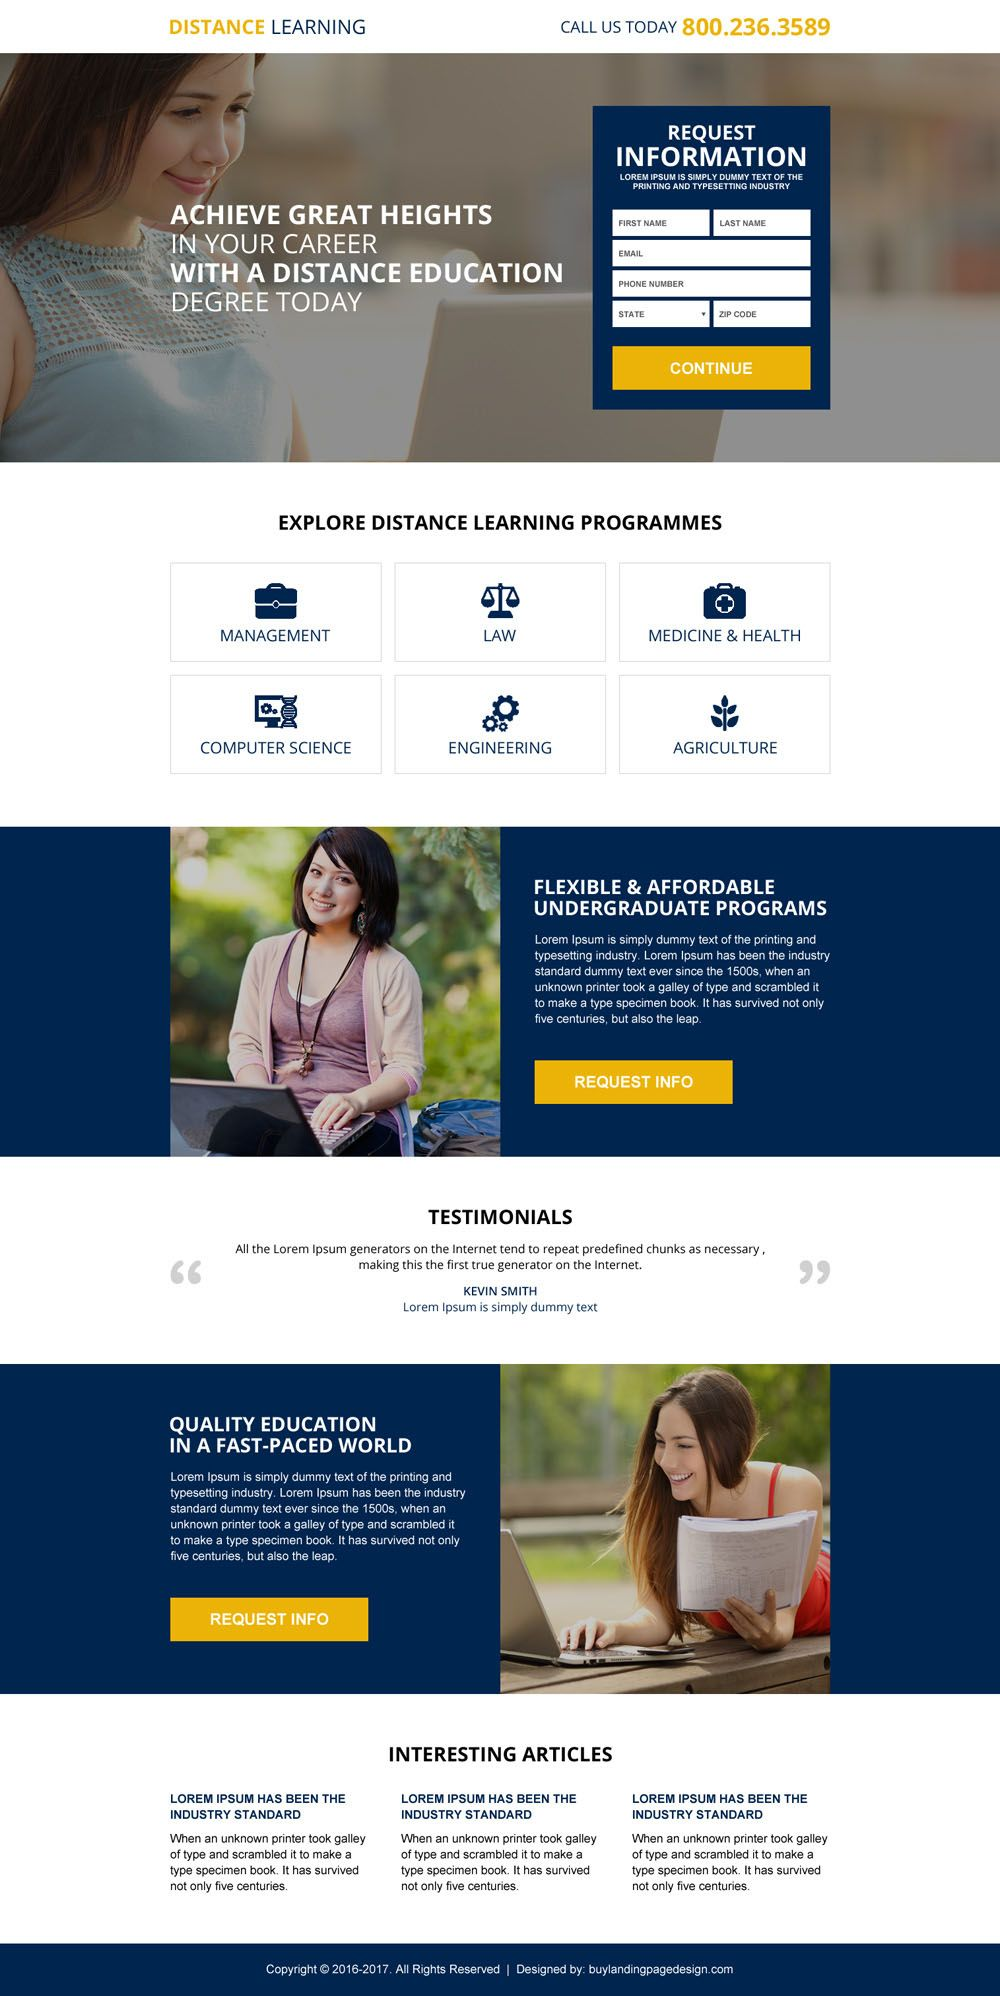 Responsive Distance Learning Information Capturing Landing Page Design Website Template Design Web Development Design Web Design